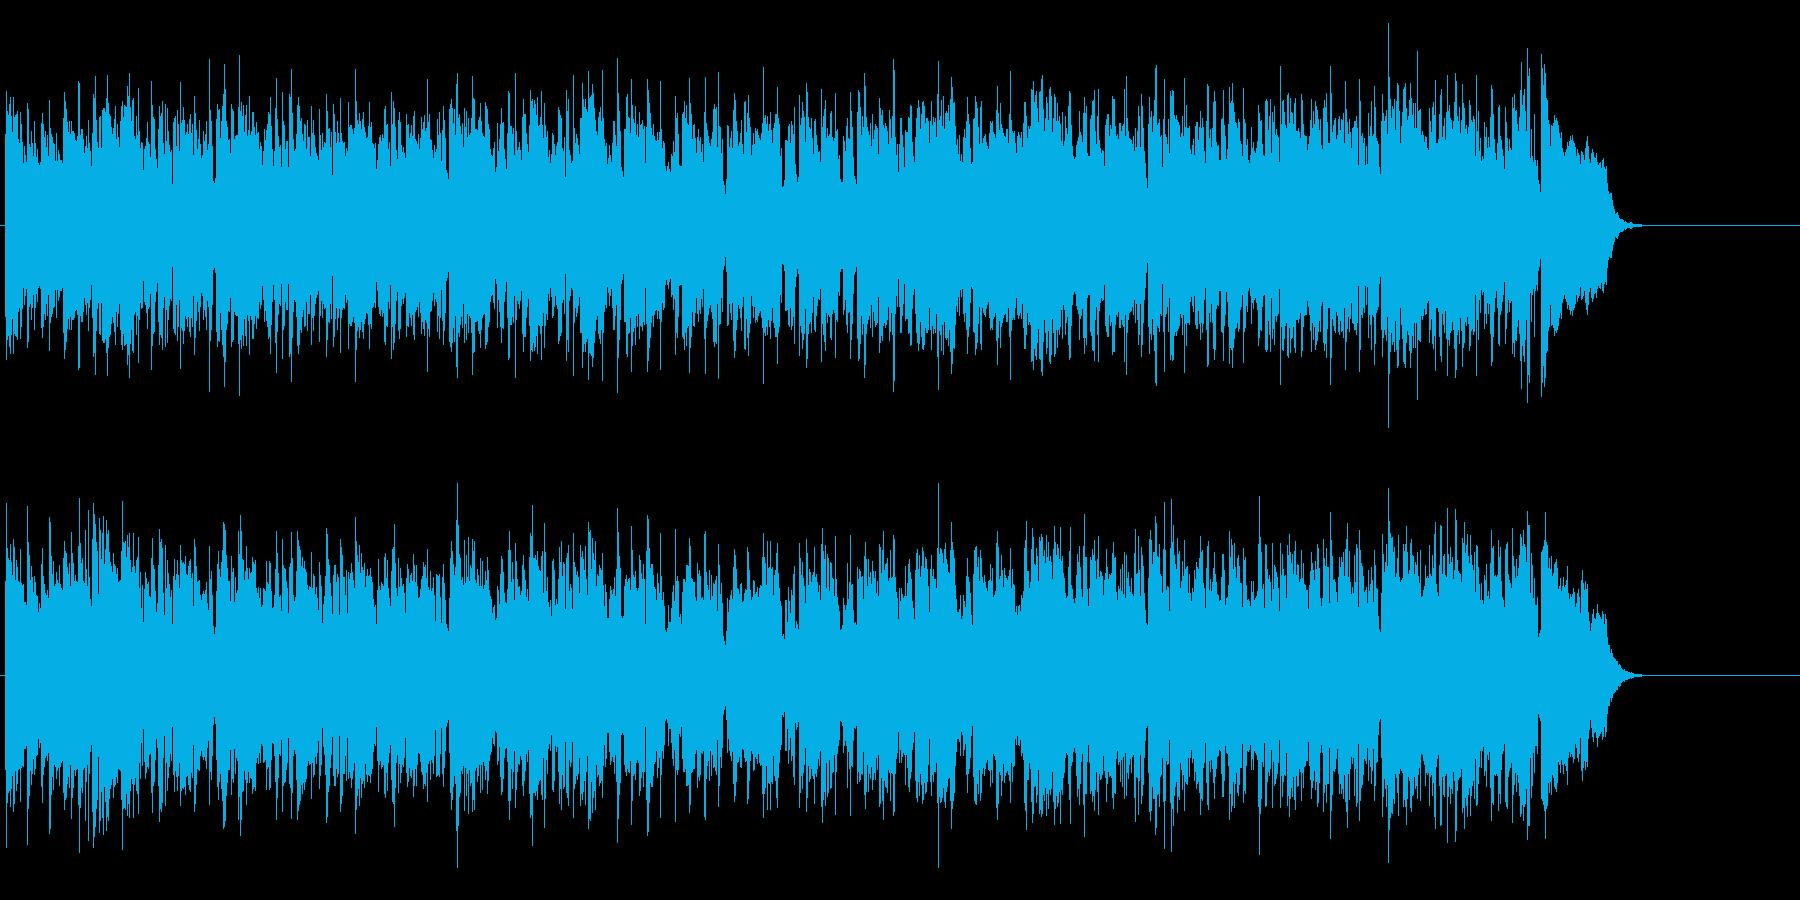 ときめきブラス・ポップスの再生済みの波形